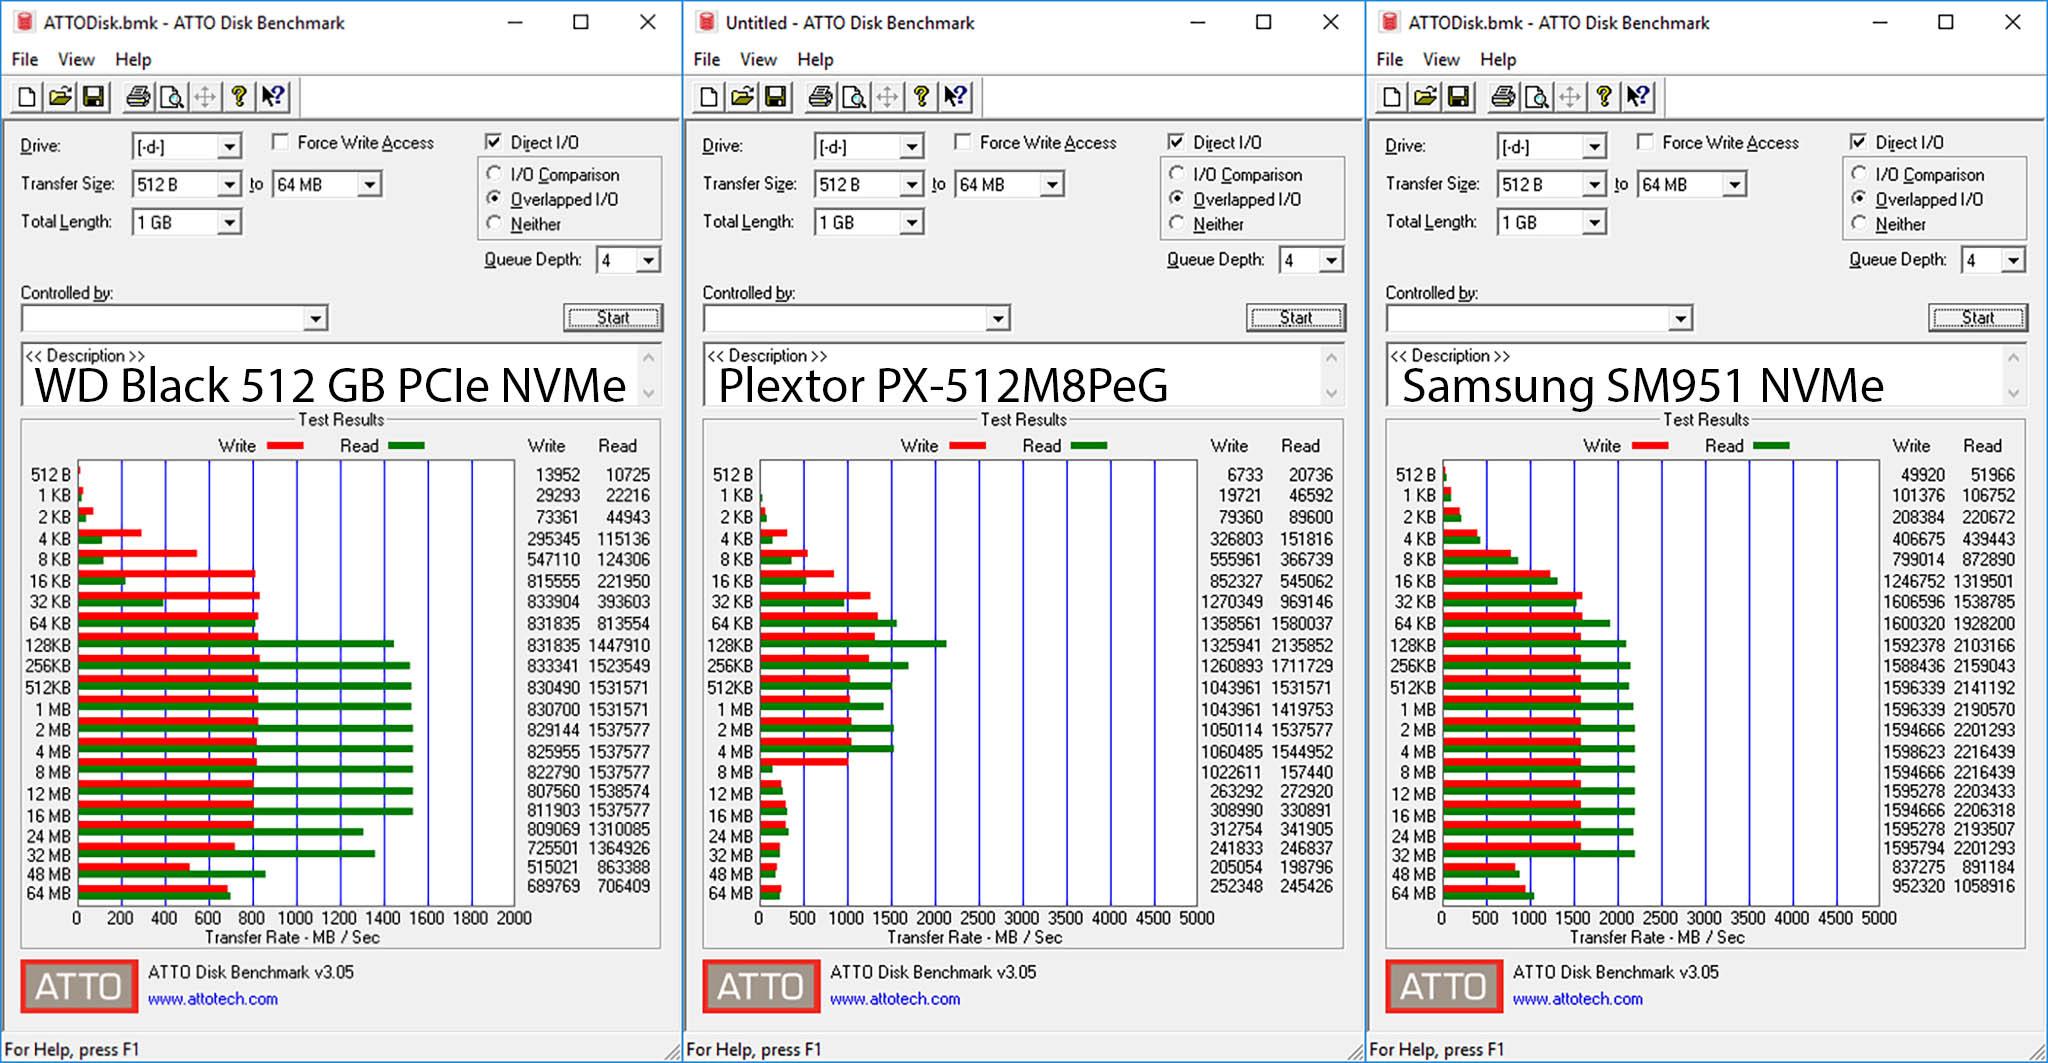 ATTO Disk SSD Compare.jpg